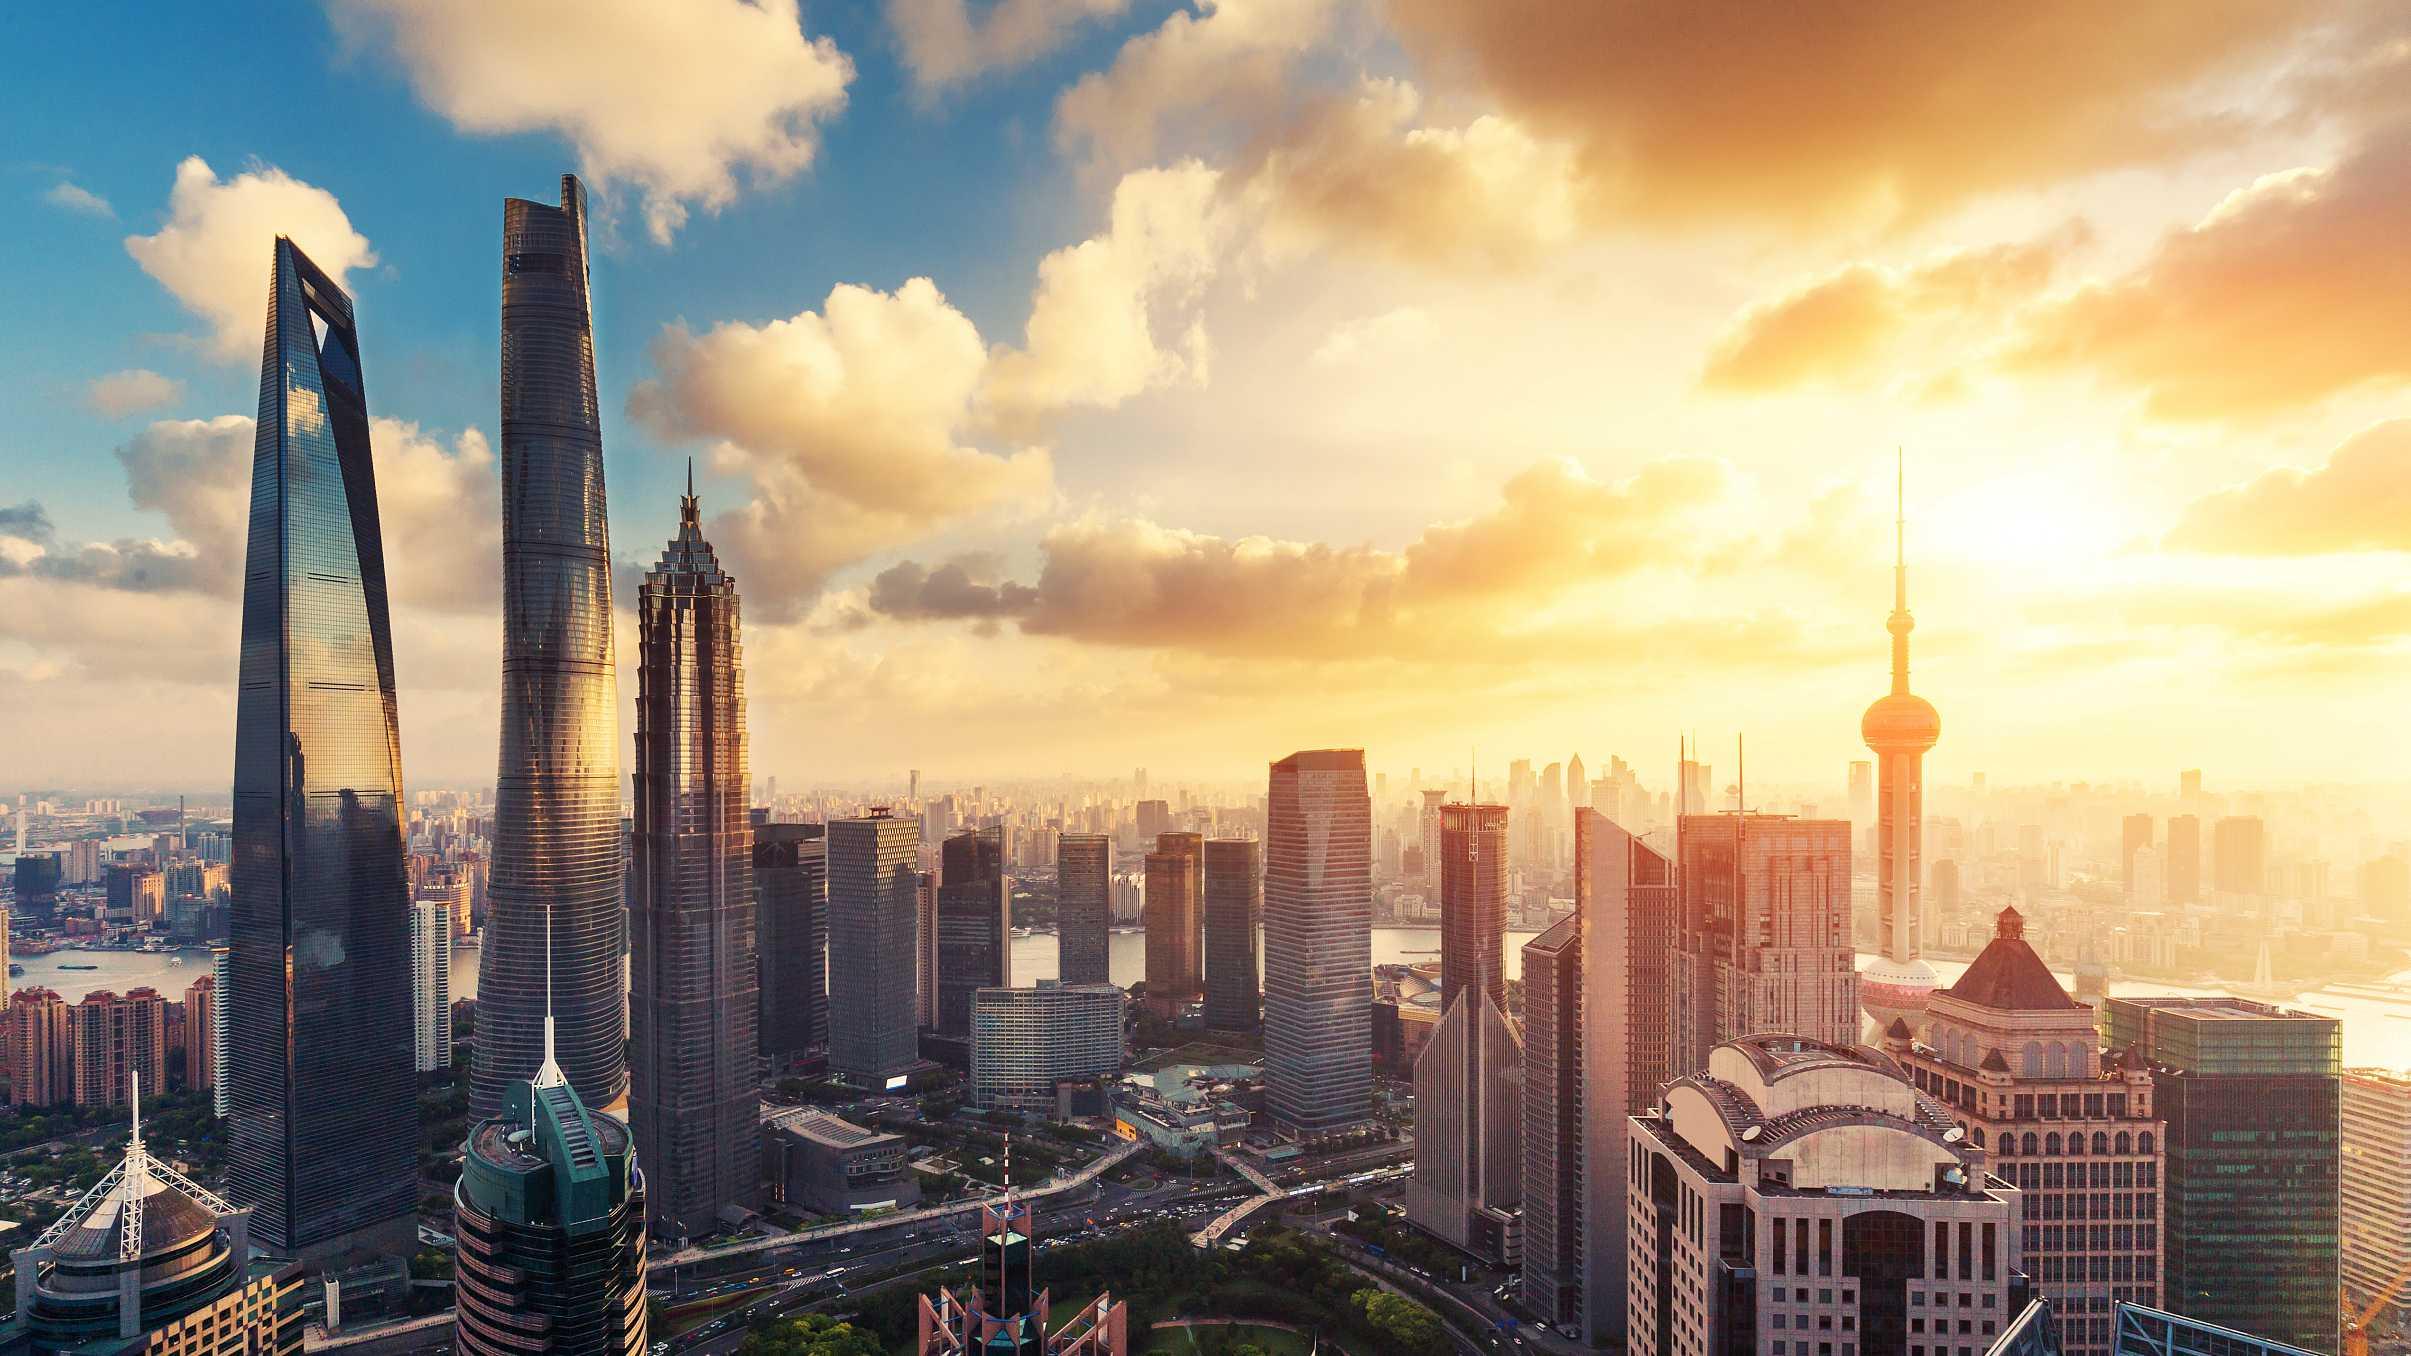 中国第四季度增长是2018年初以来的首次加速 接口新闻 第1张